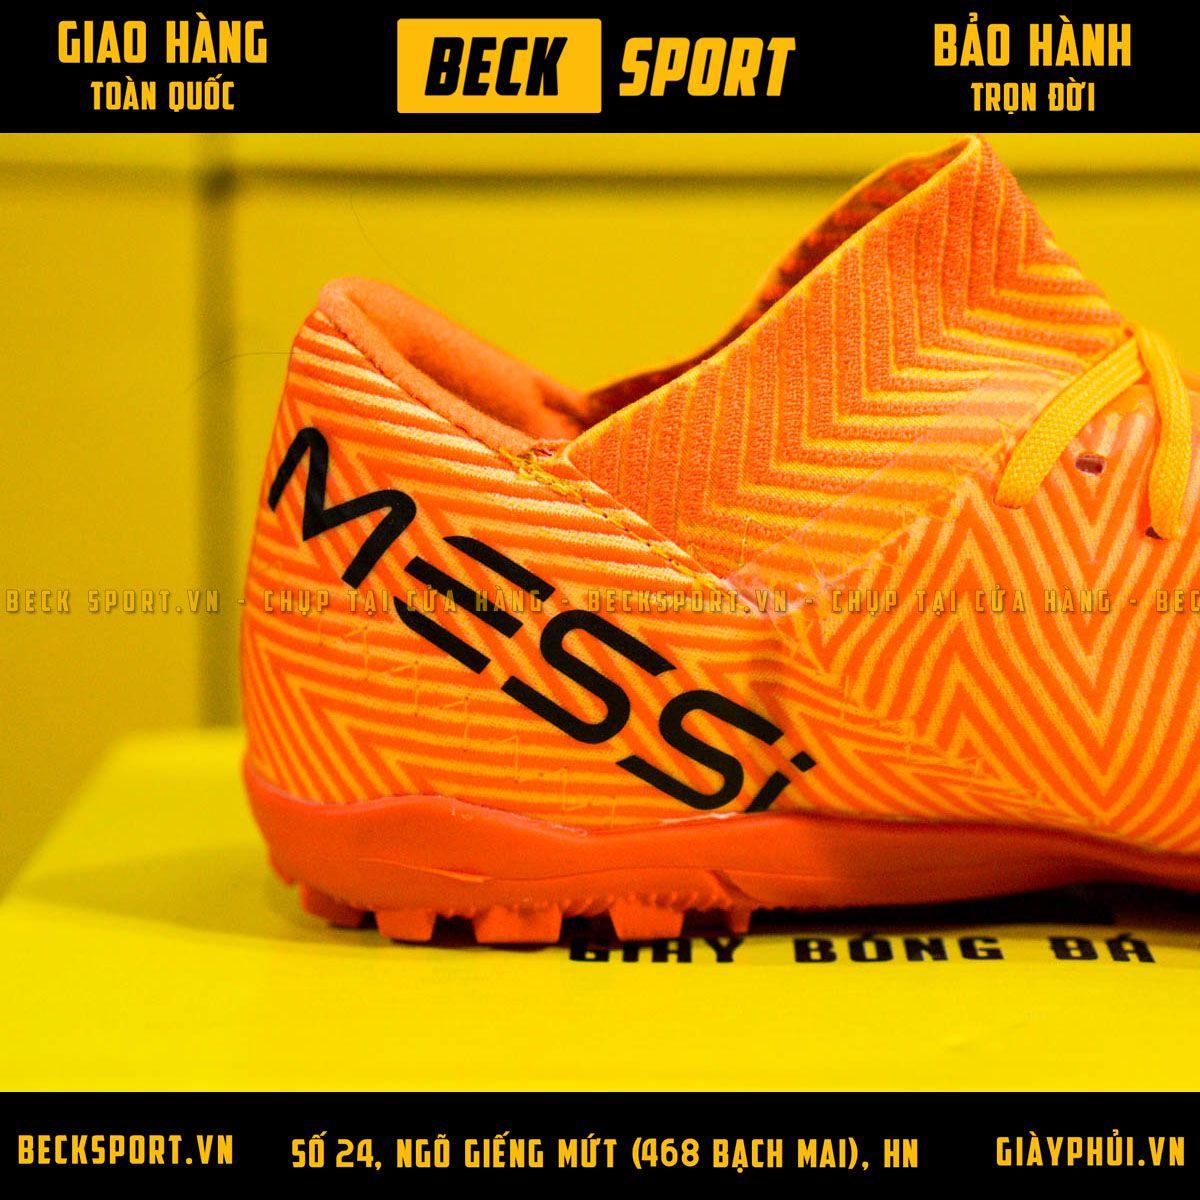 Giày Bóng Đá Adidas Nemeziz Messi 18.3 Cam Vạch Đen Chữ Đen TF